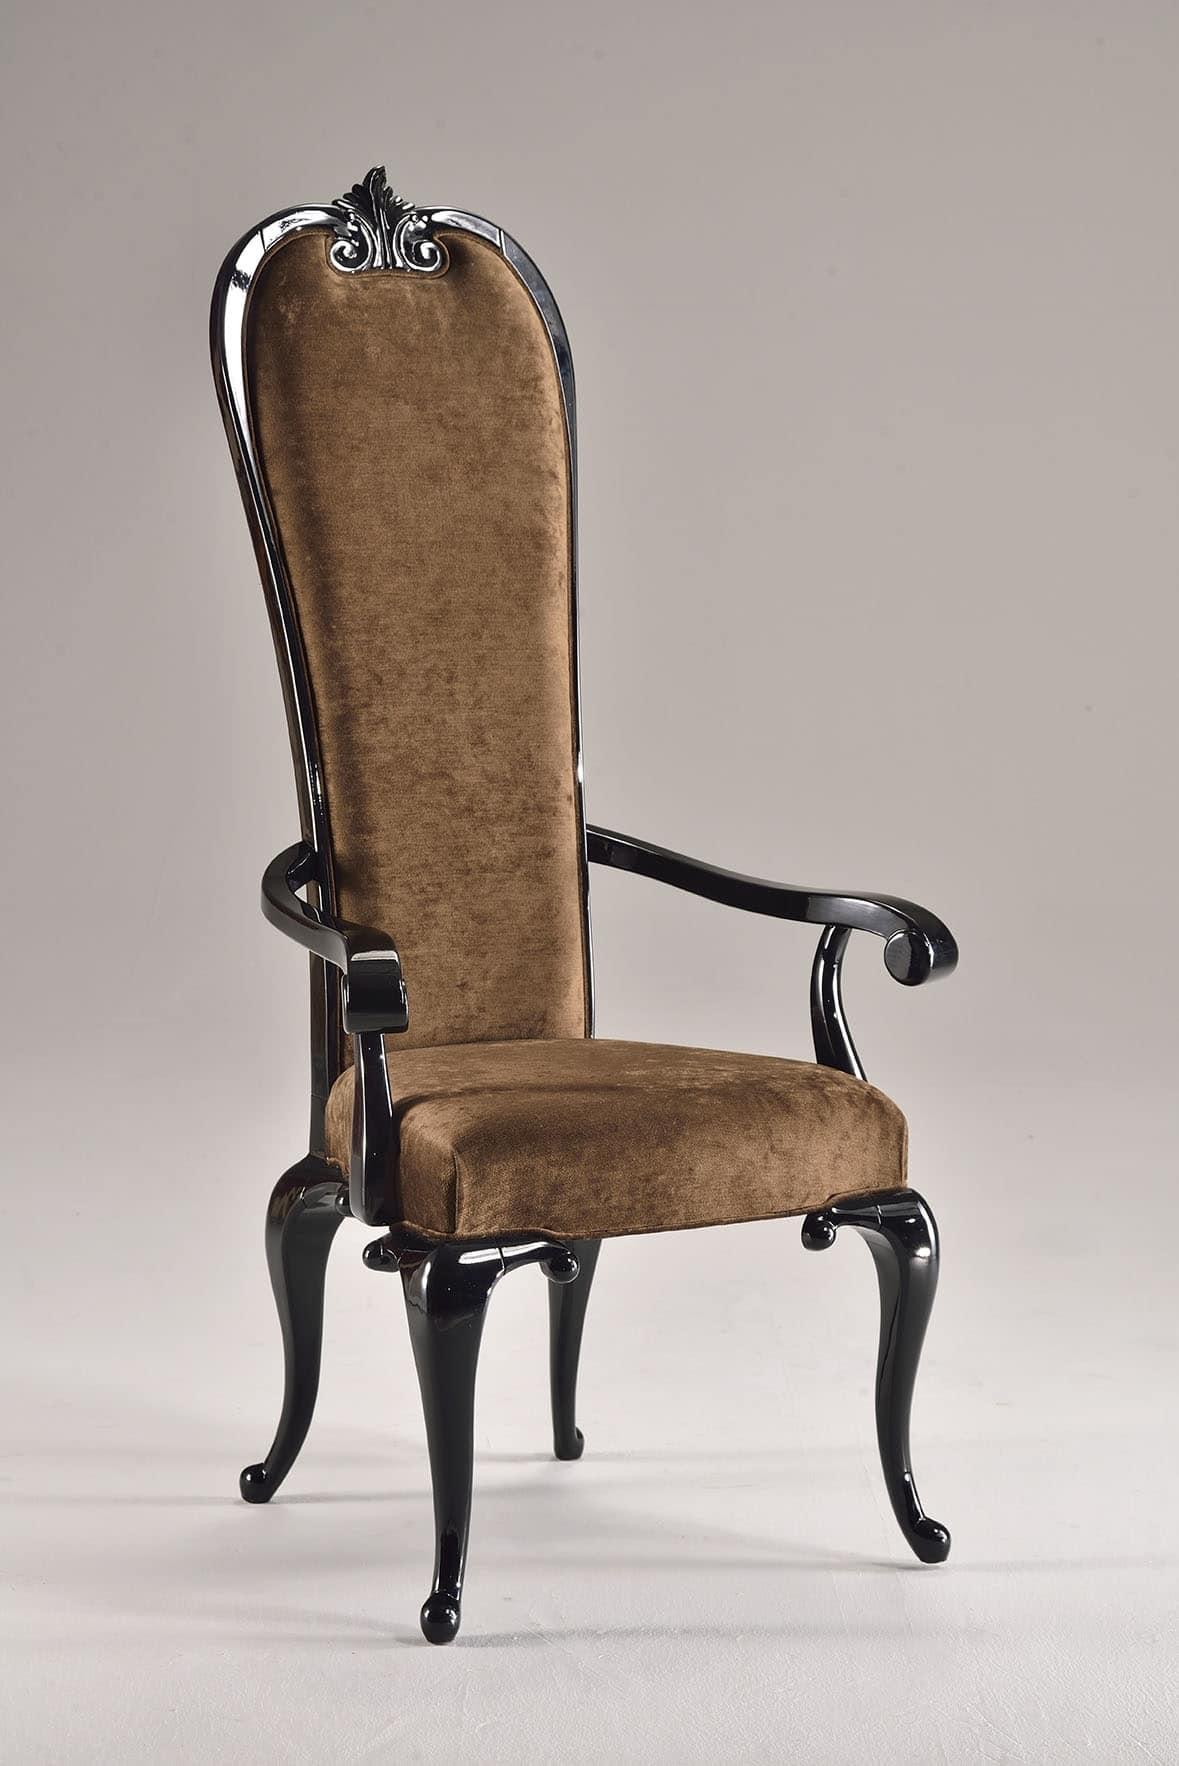 Poltroncina imbottita schienale alto stile neoclassico for Design stuhl barocco